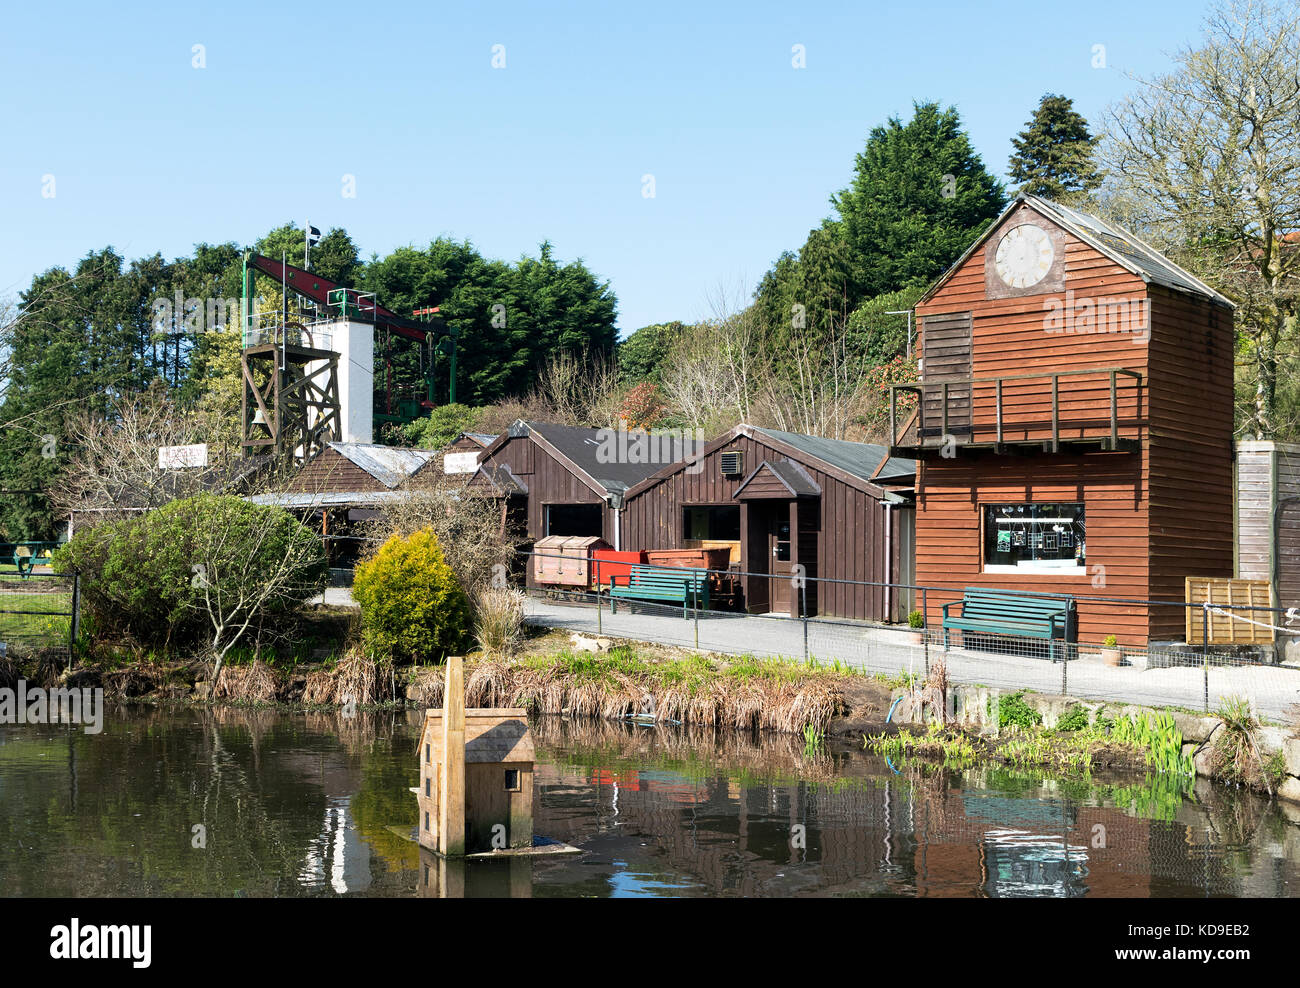 Poldark tin mine une attraction touristique historique près de Helston en Cornouailles, Angleterre, Grande Photo Stock